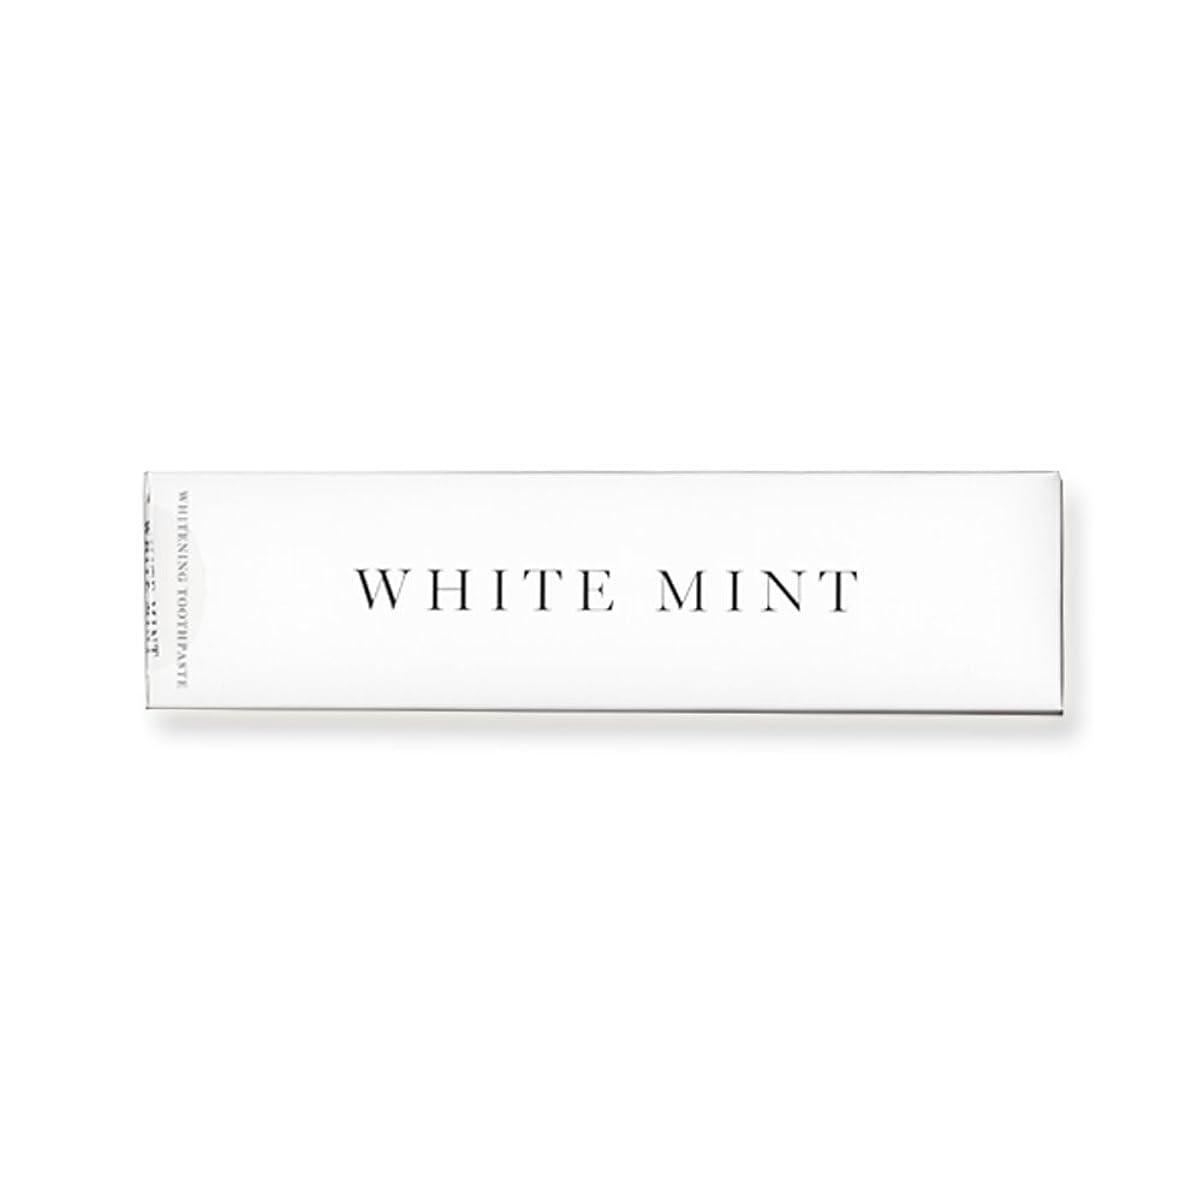 間違えたカンガルータイピストホワイトミント 130g (旧シルクホワイト)